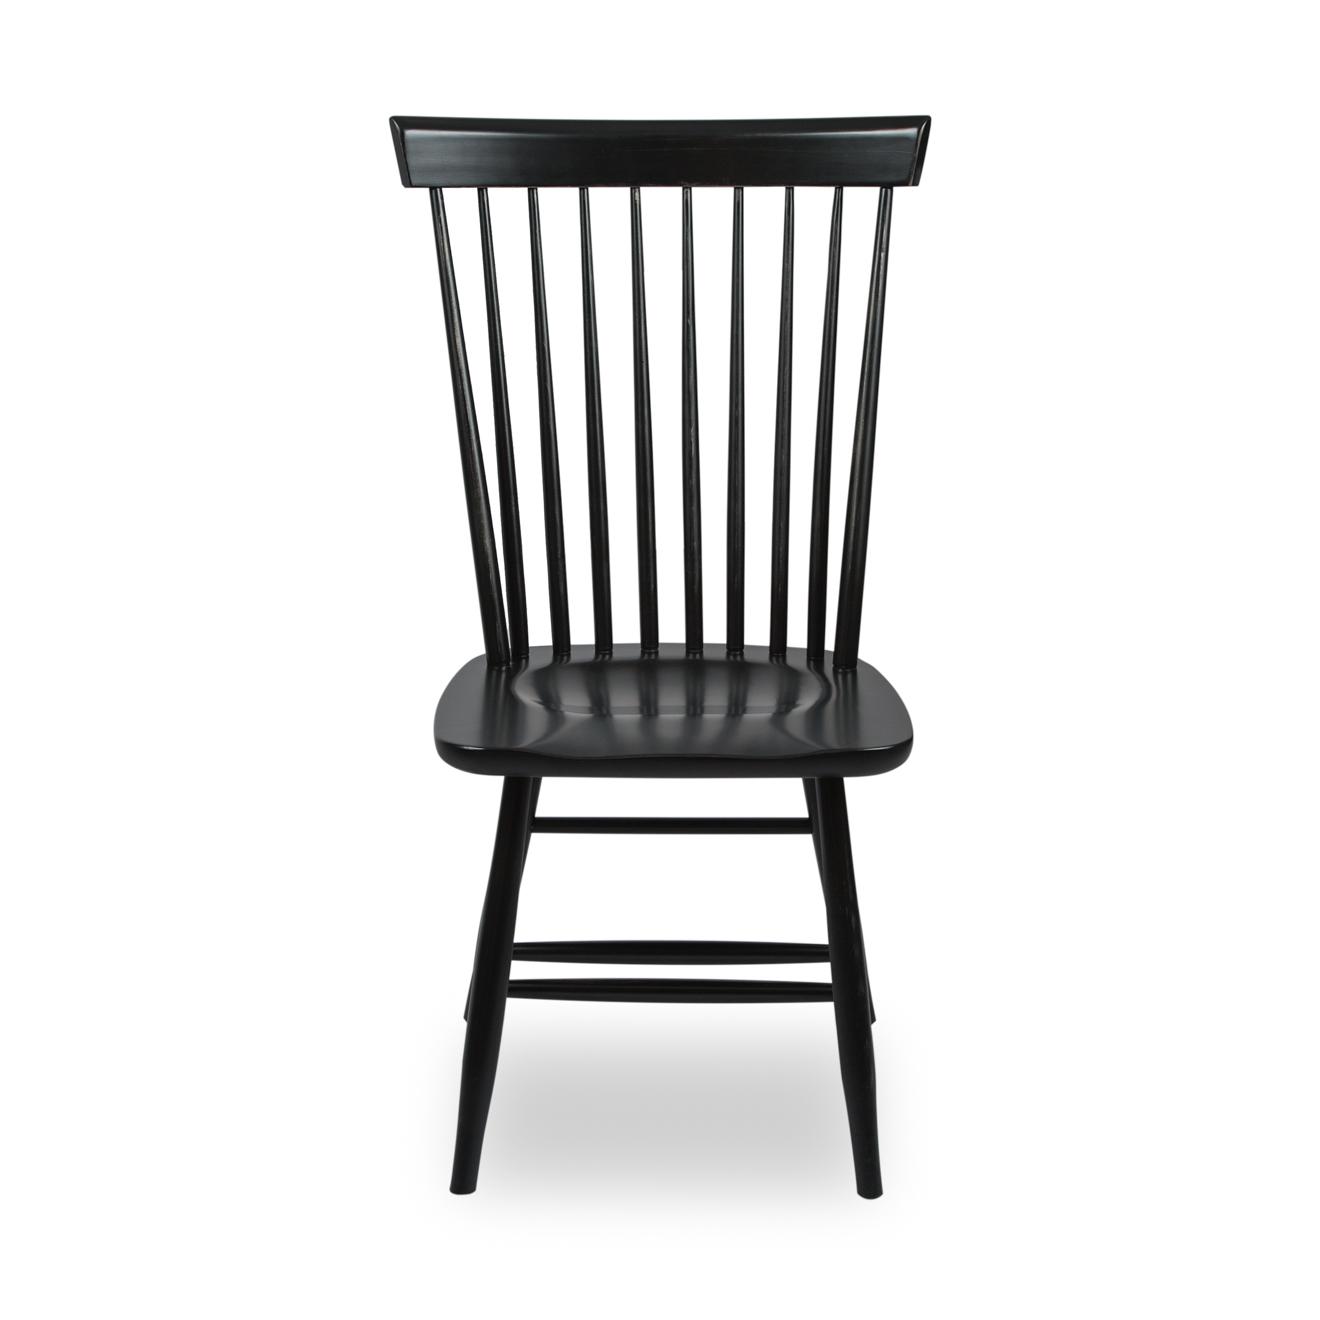 003_Woodcraft_Furniture_WindsorBentArrow_Front-1.jpg